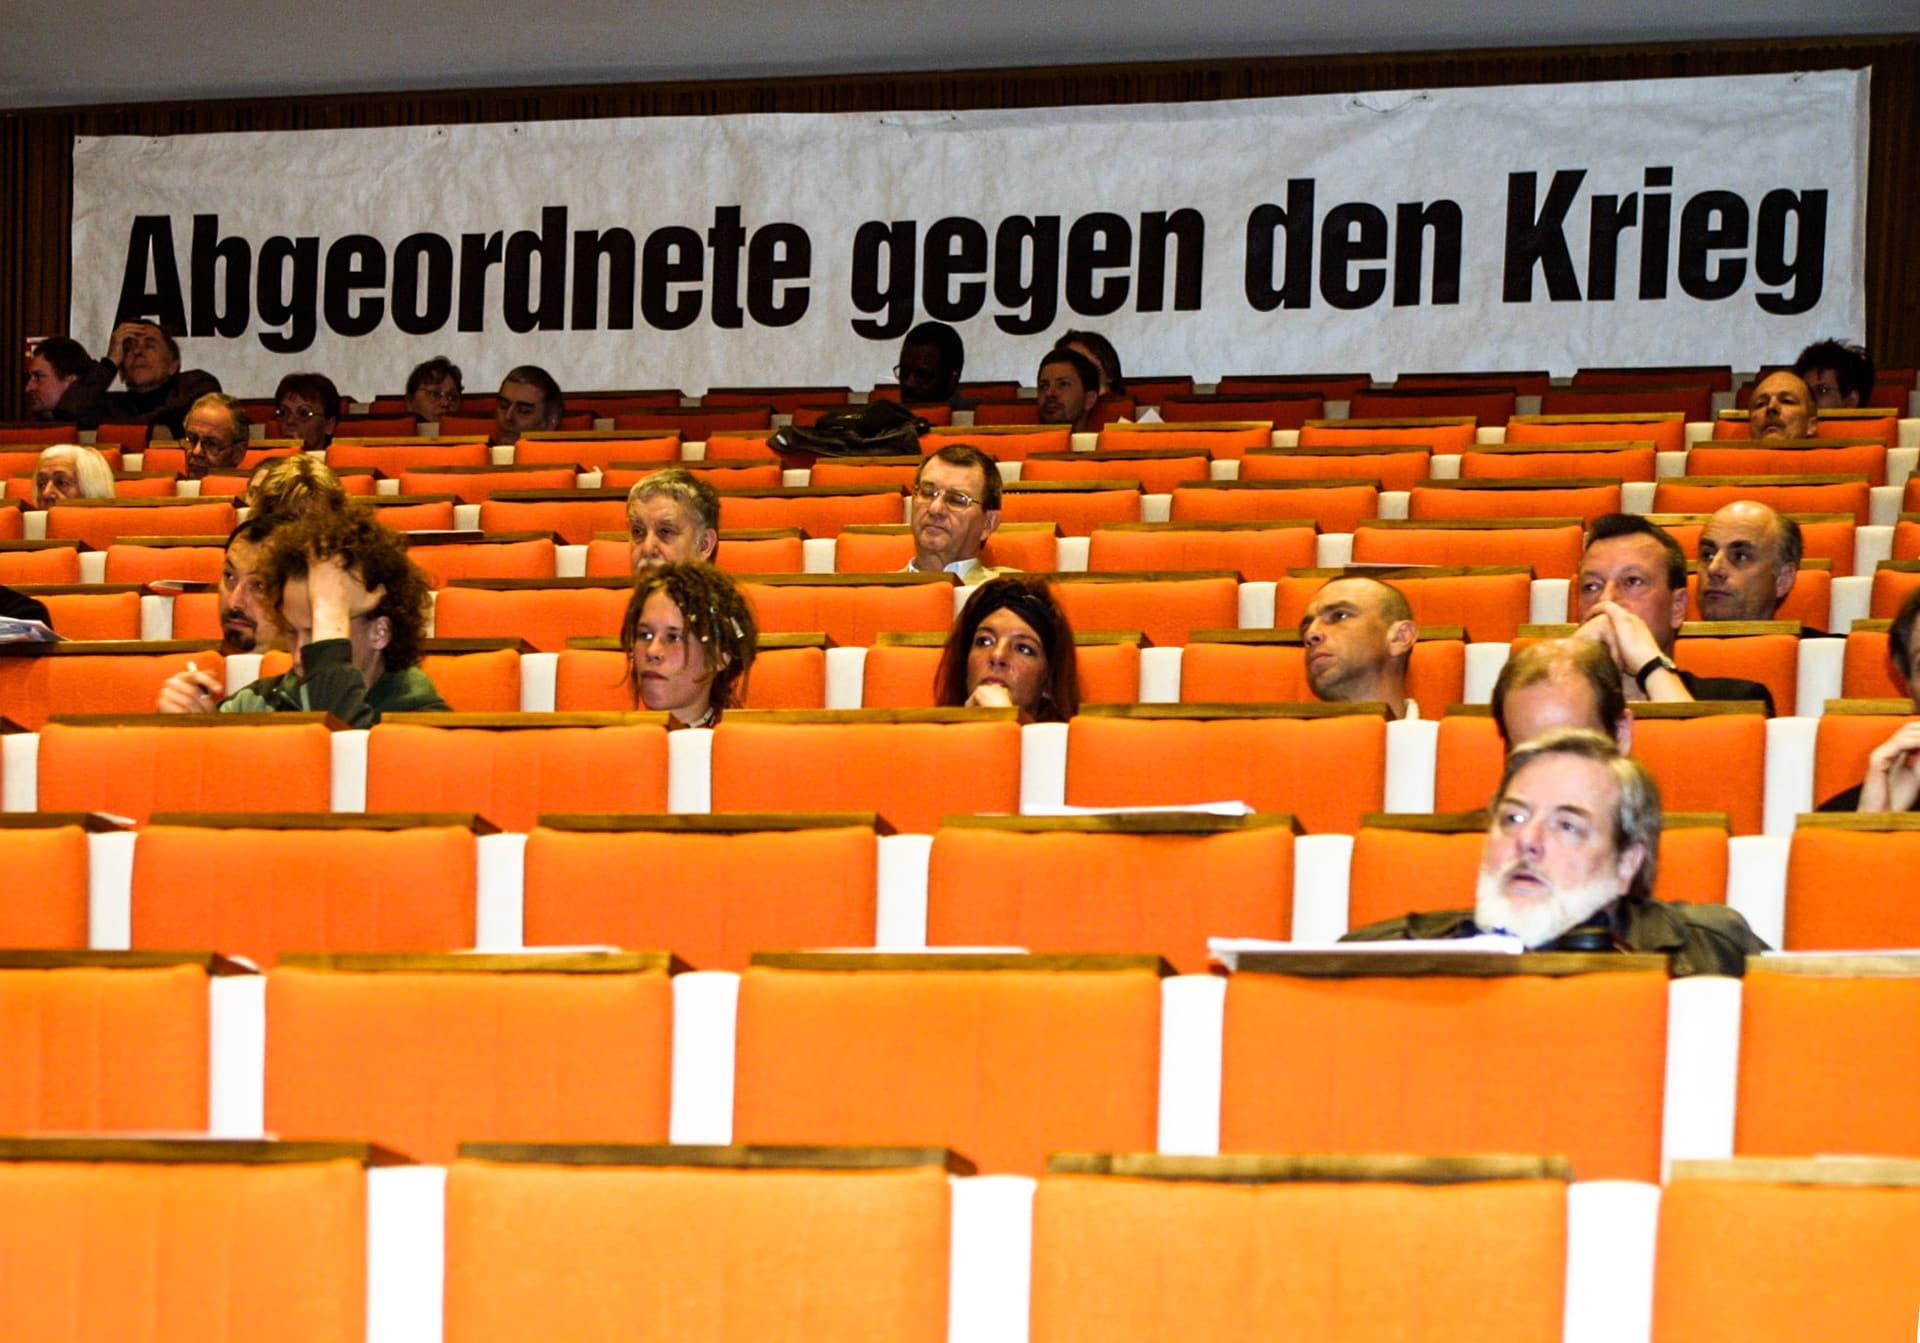 Weitgehend leere Sitze vor einem kriegskritischen Banner